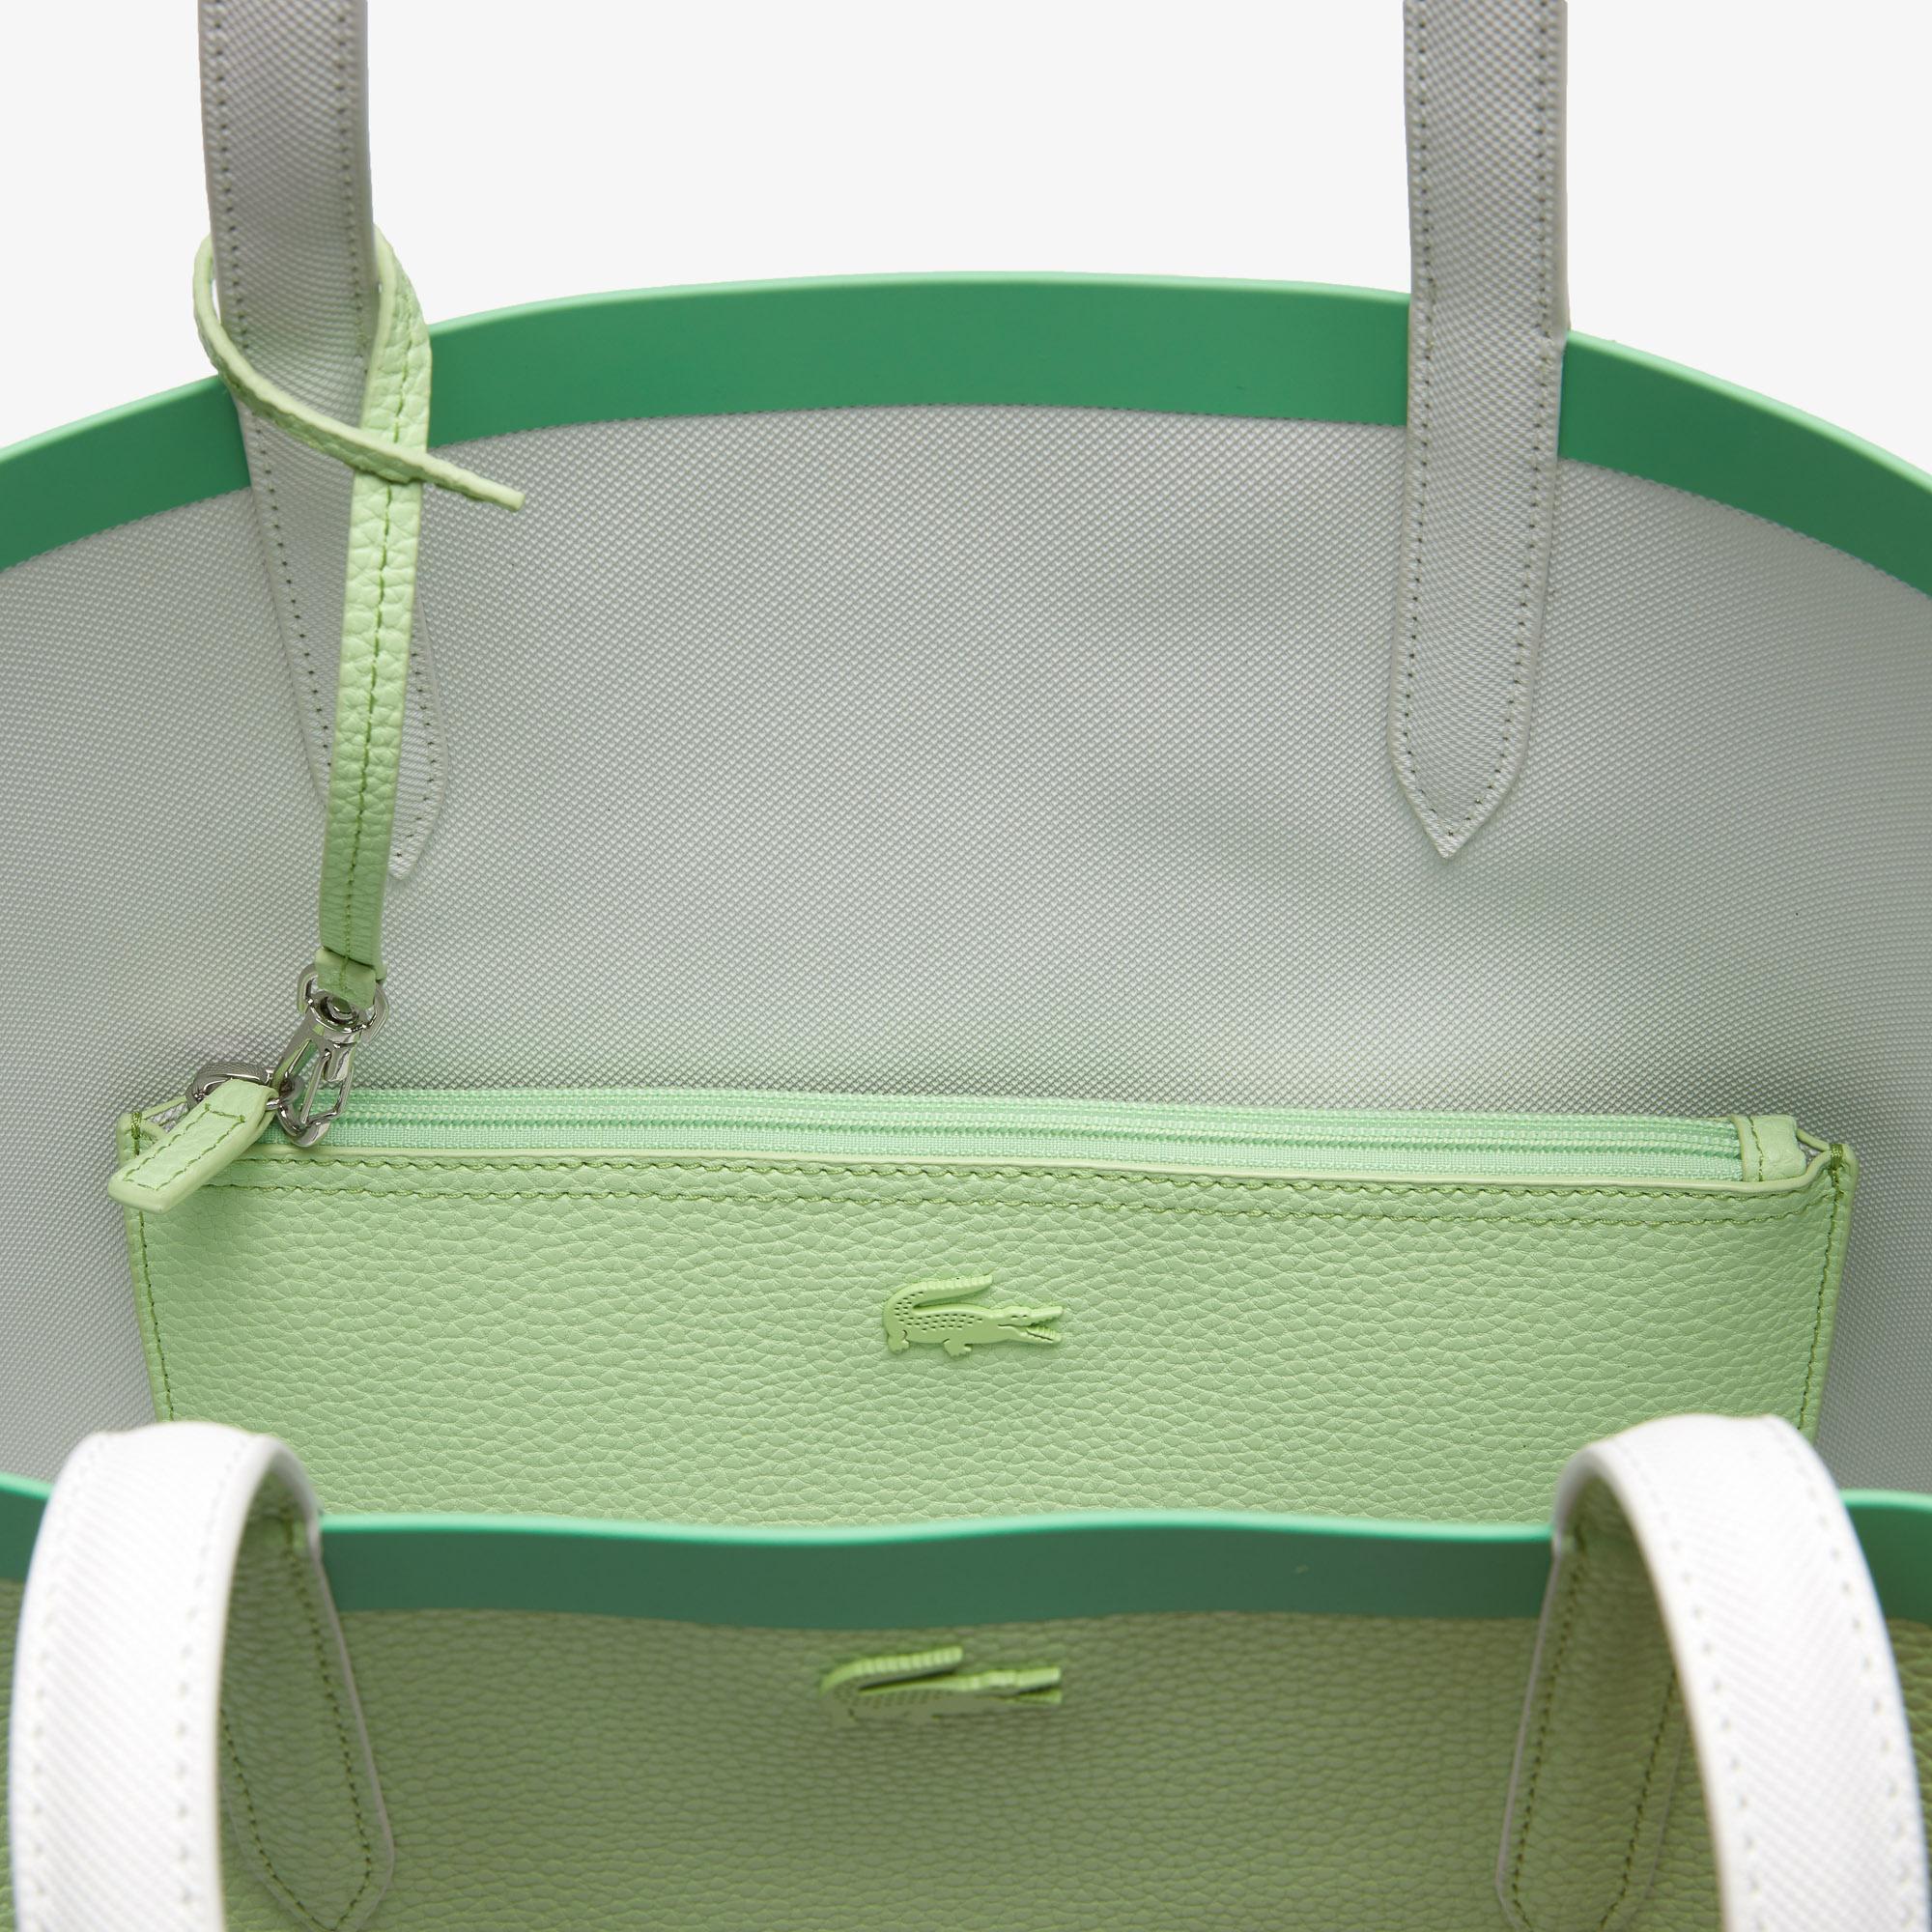 Lacoste Anna Kadın Yeşil - Bej Çift Taraflı Çanta